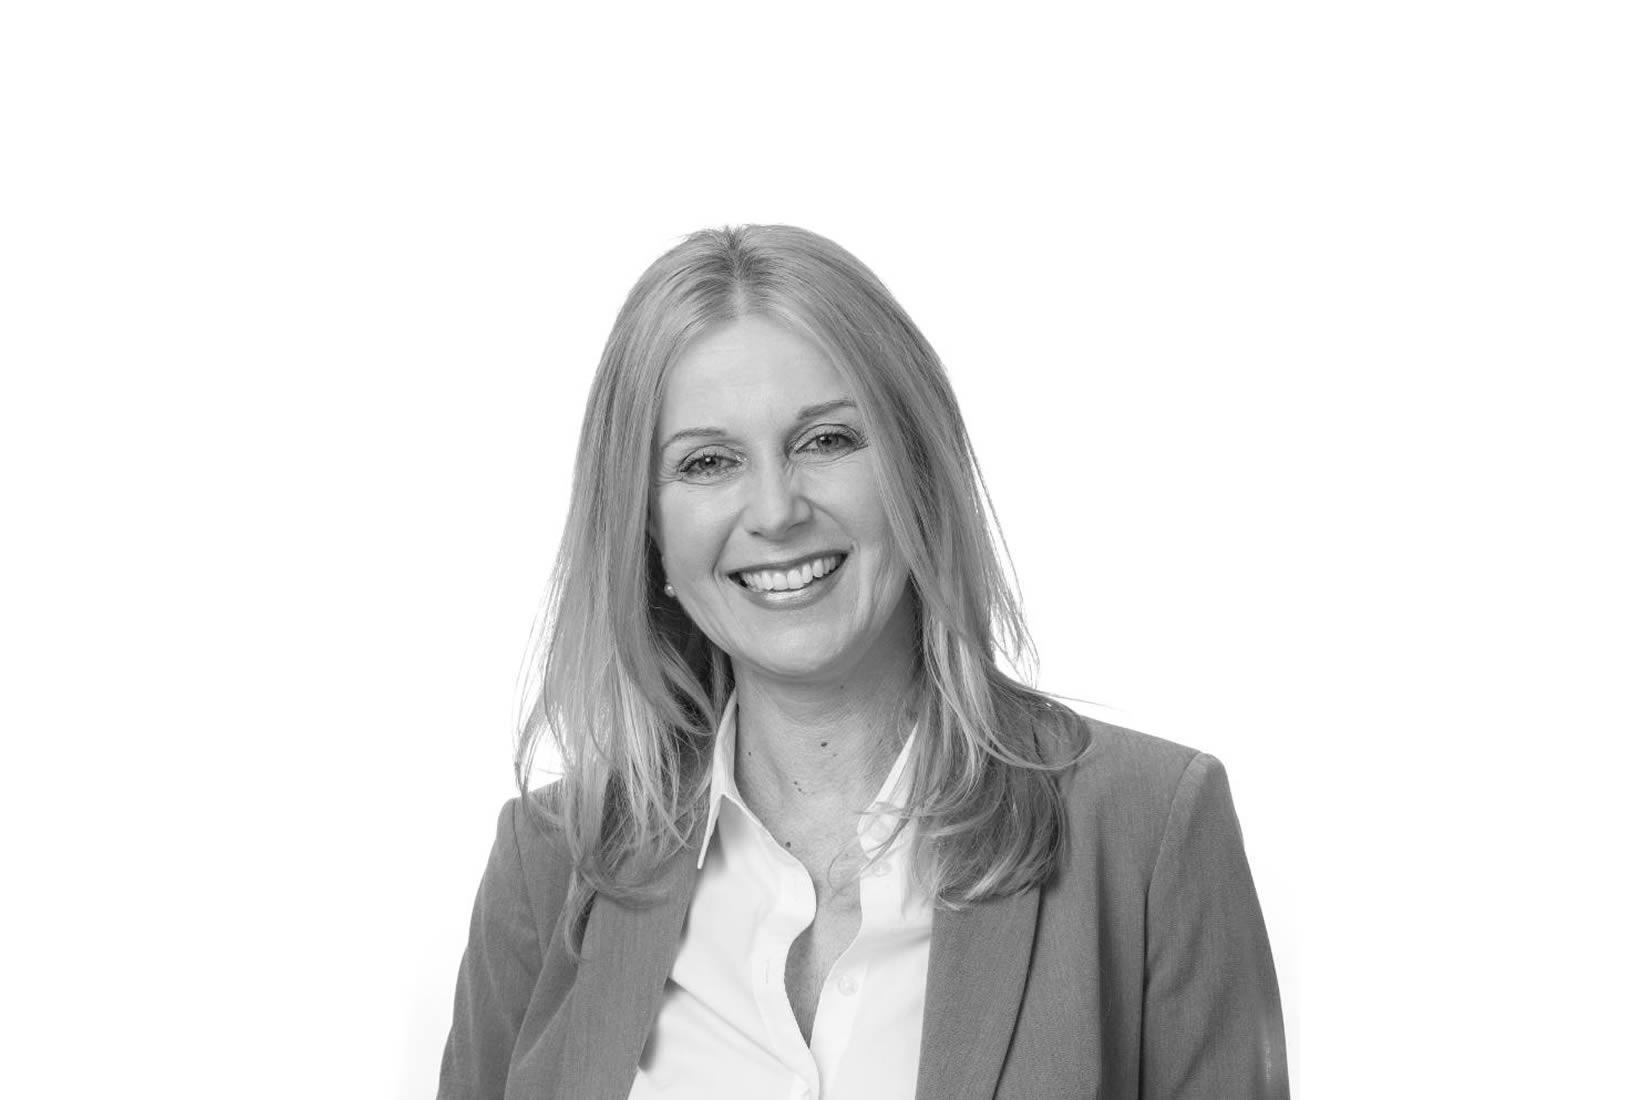 Stephanie Hollebeek